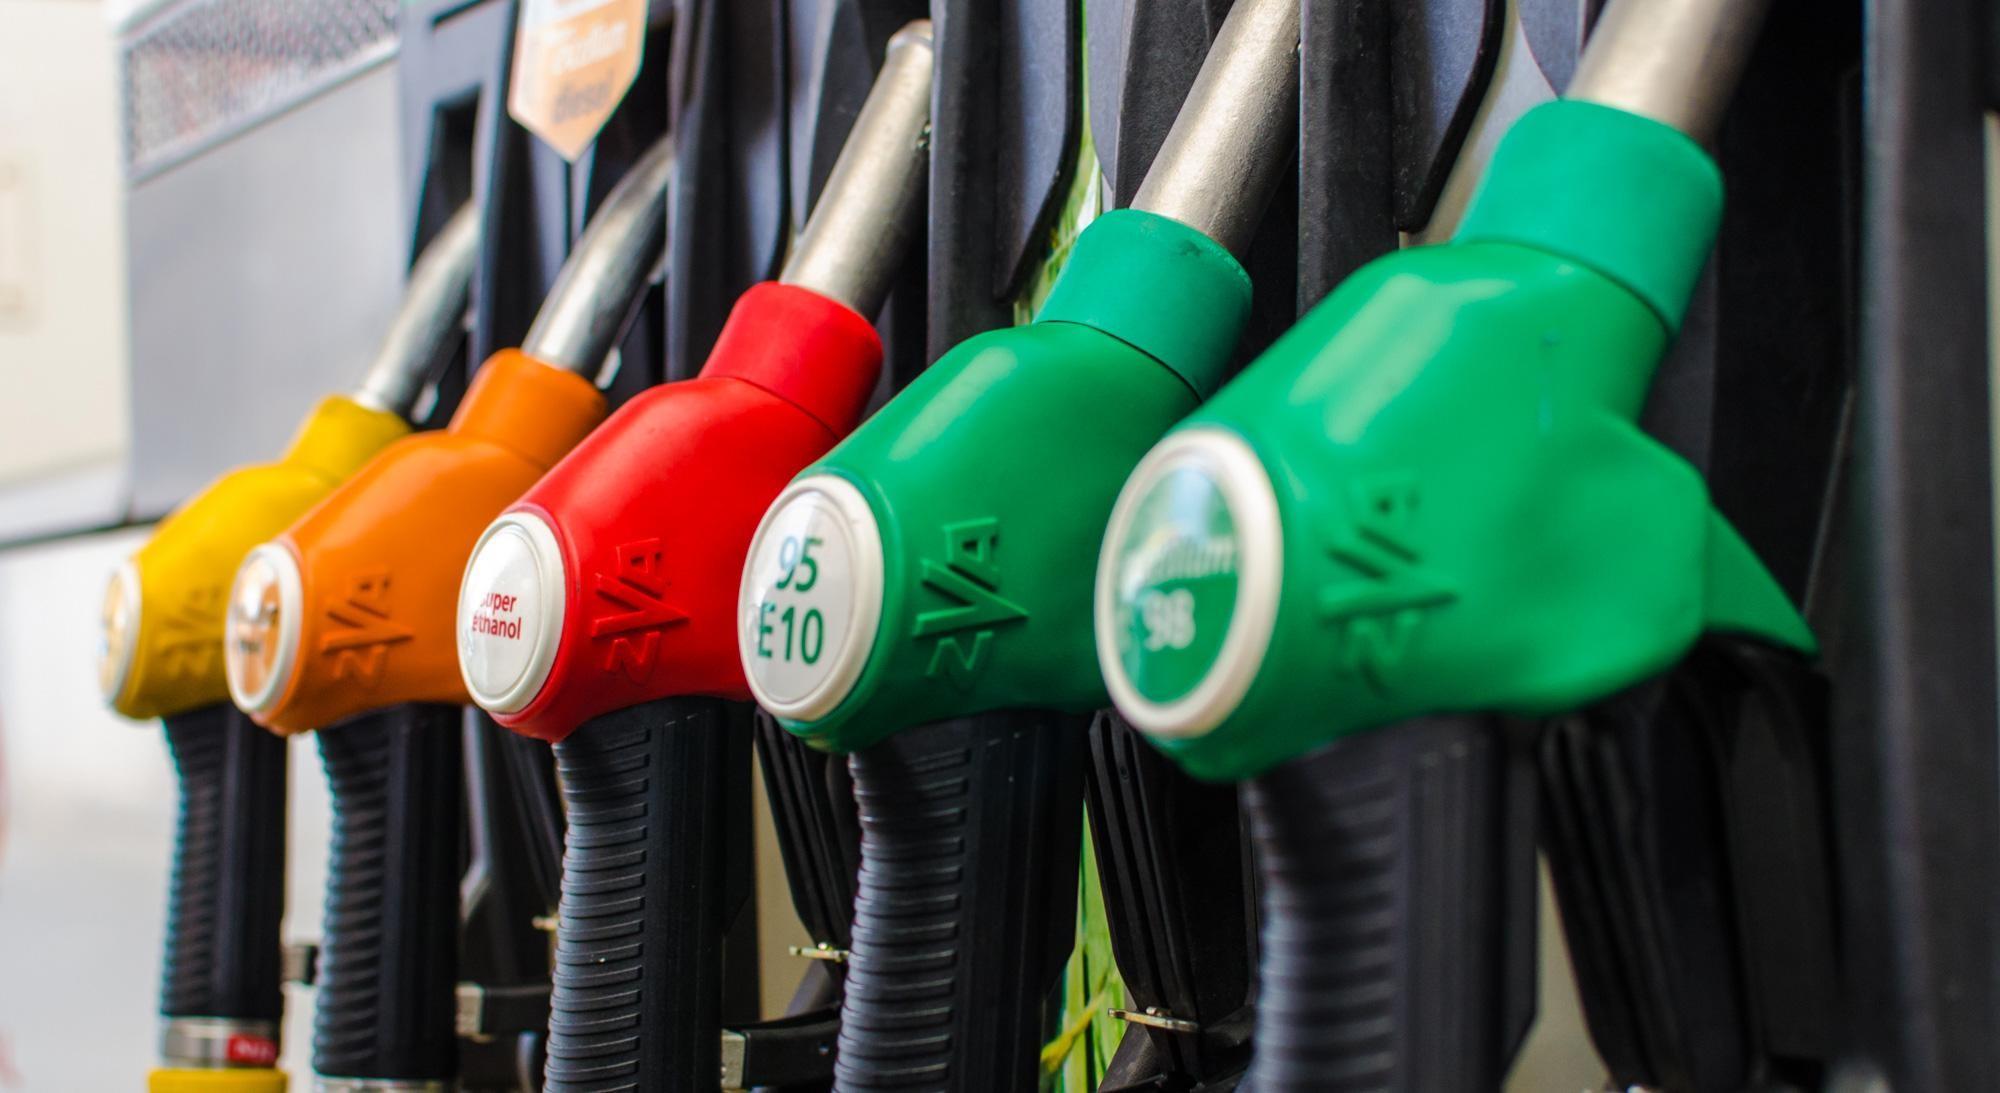 Quelles différences entre essence et diesel ?